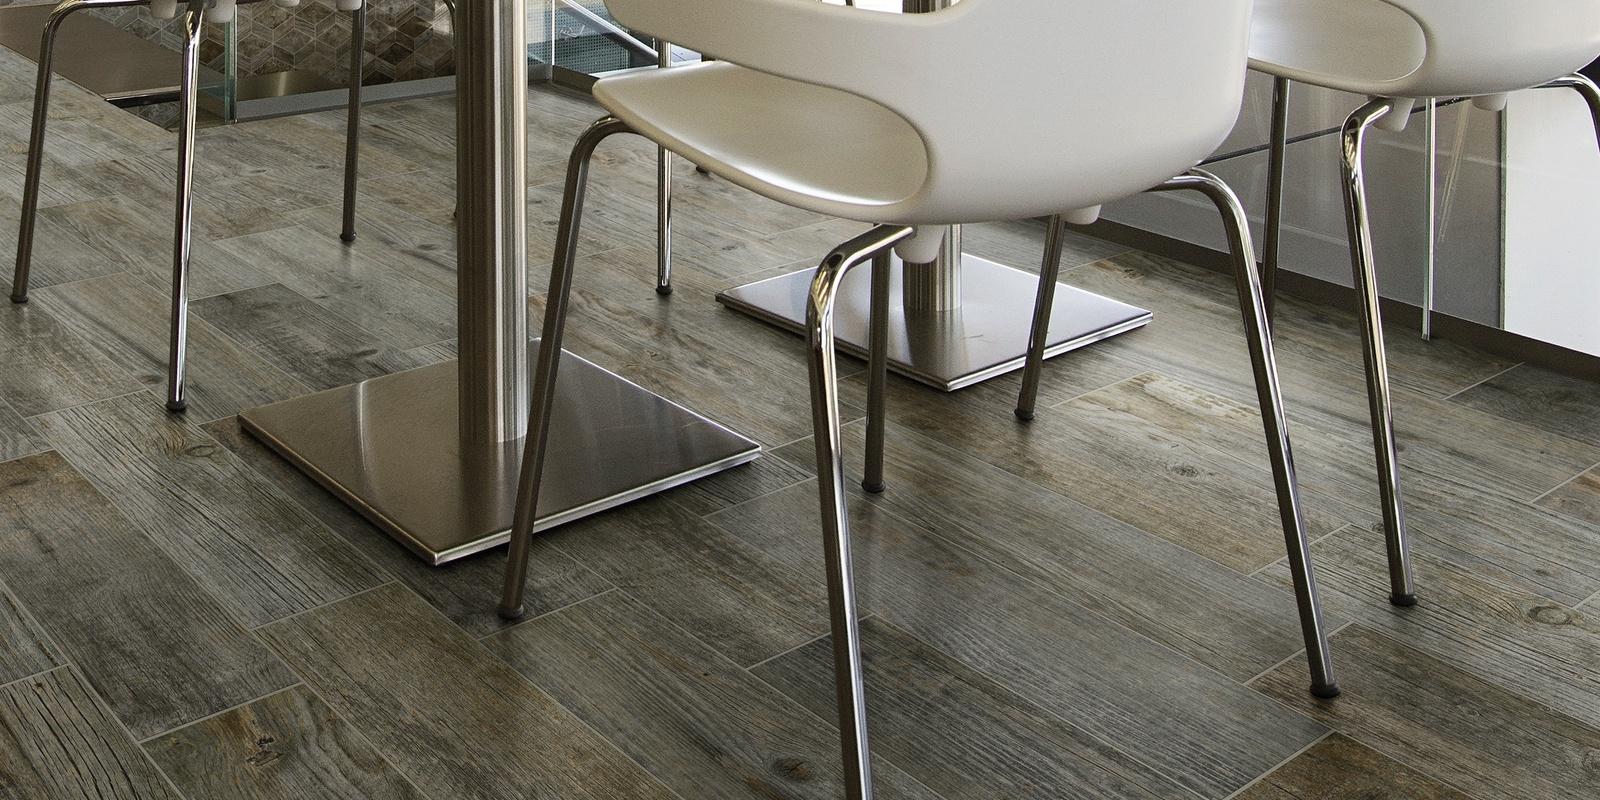 tile flooring and backsplash installers